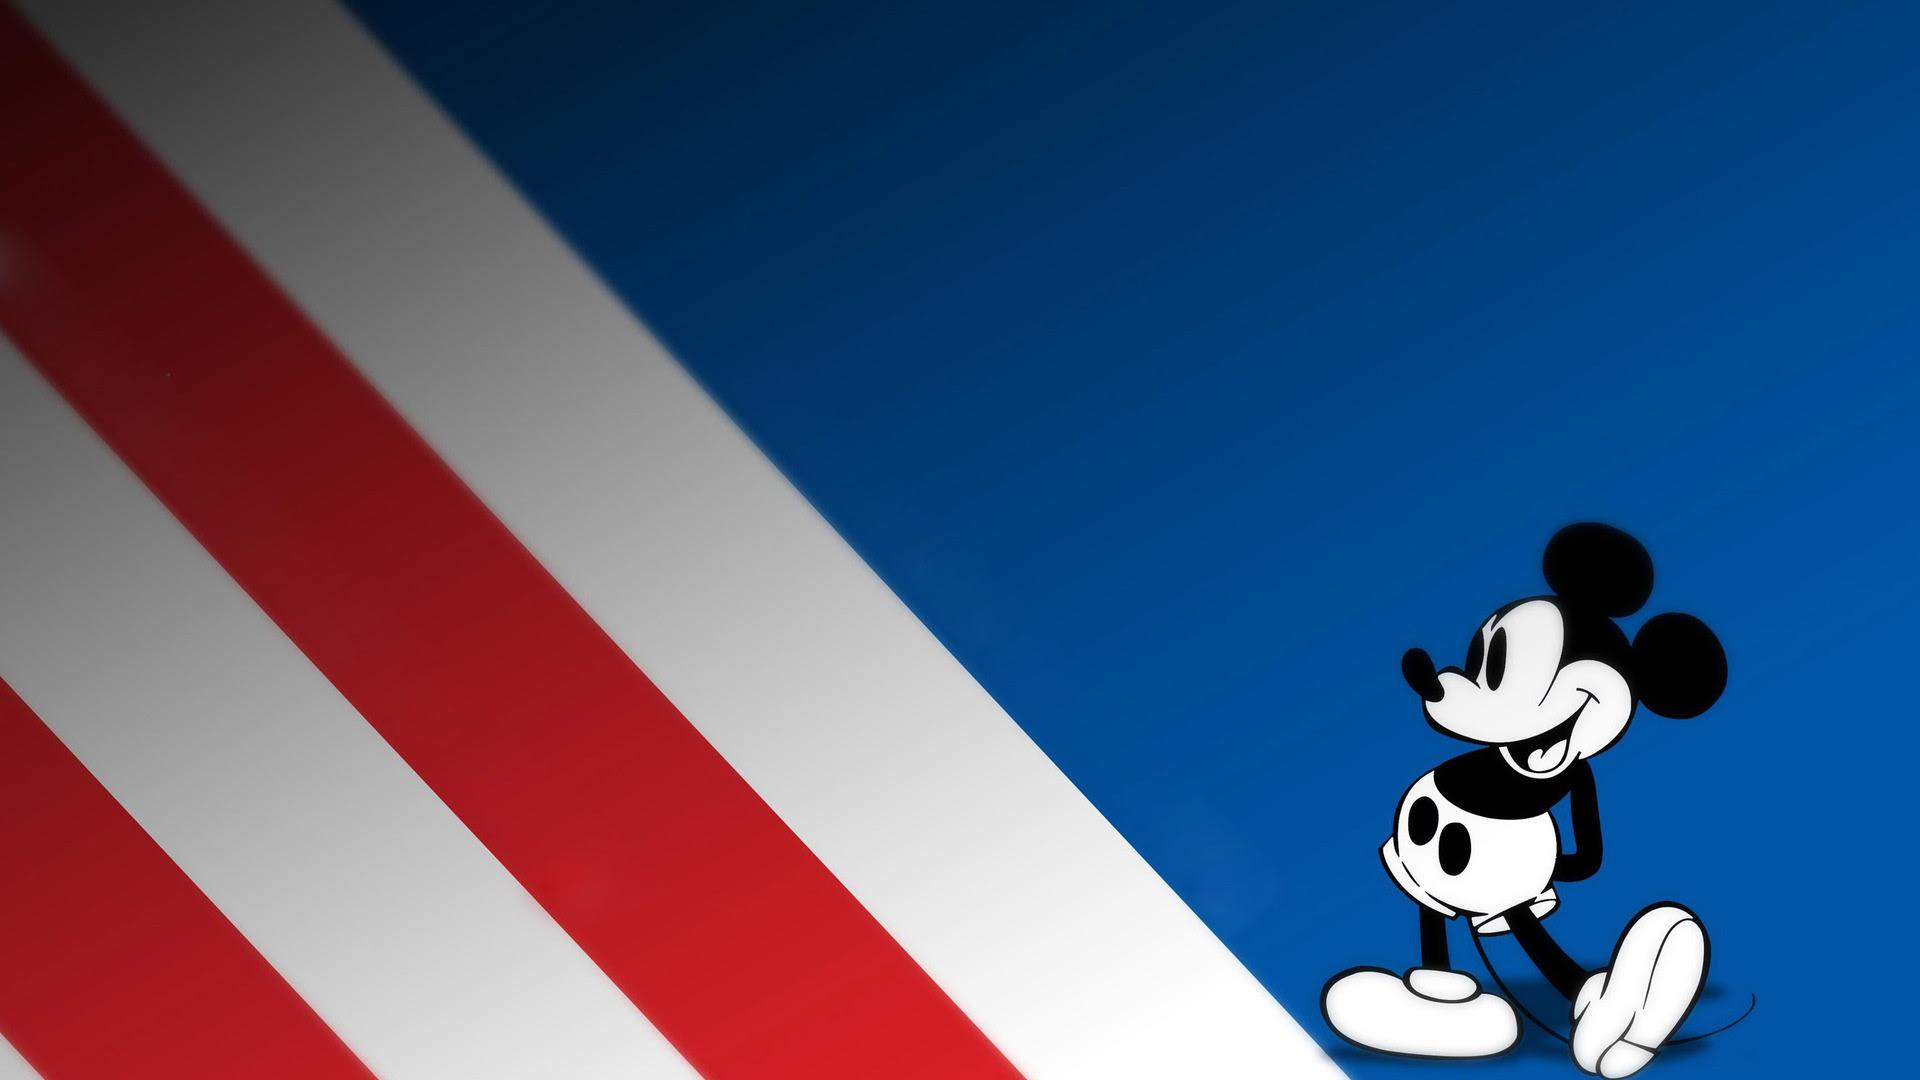 ディズニー ミッキーマウスのpcデスクトップ壁紙 画像 まとめ Mickey